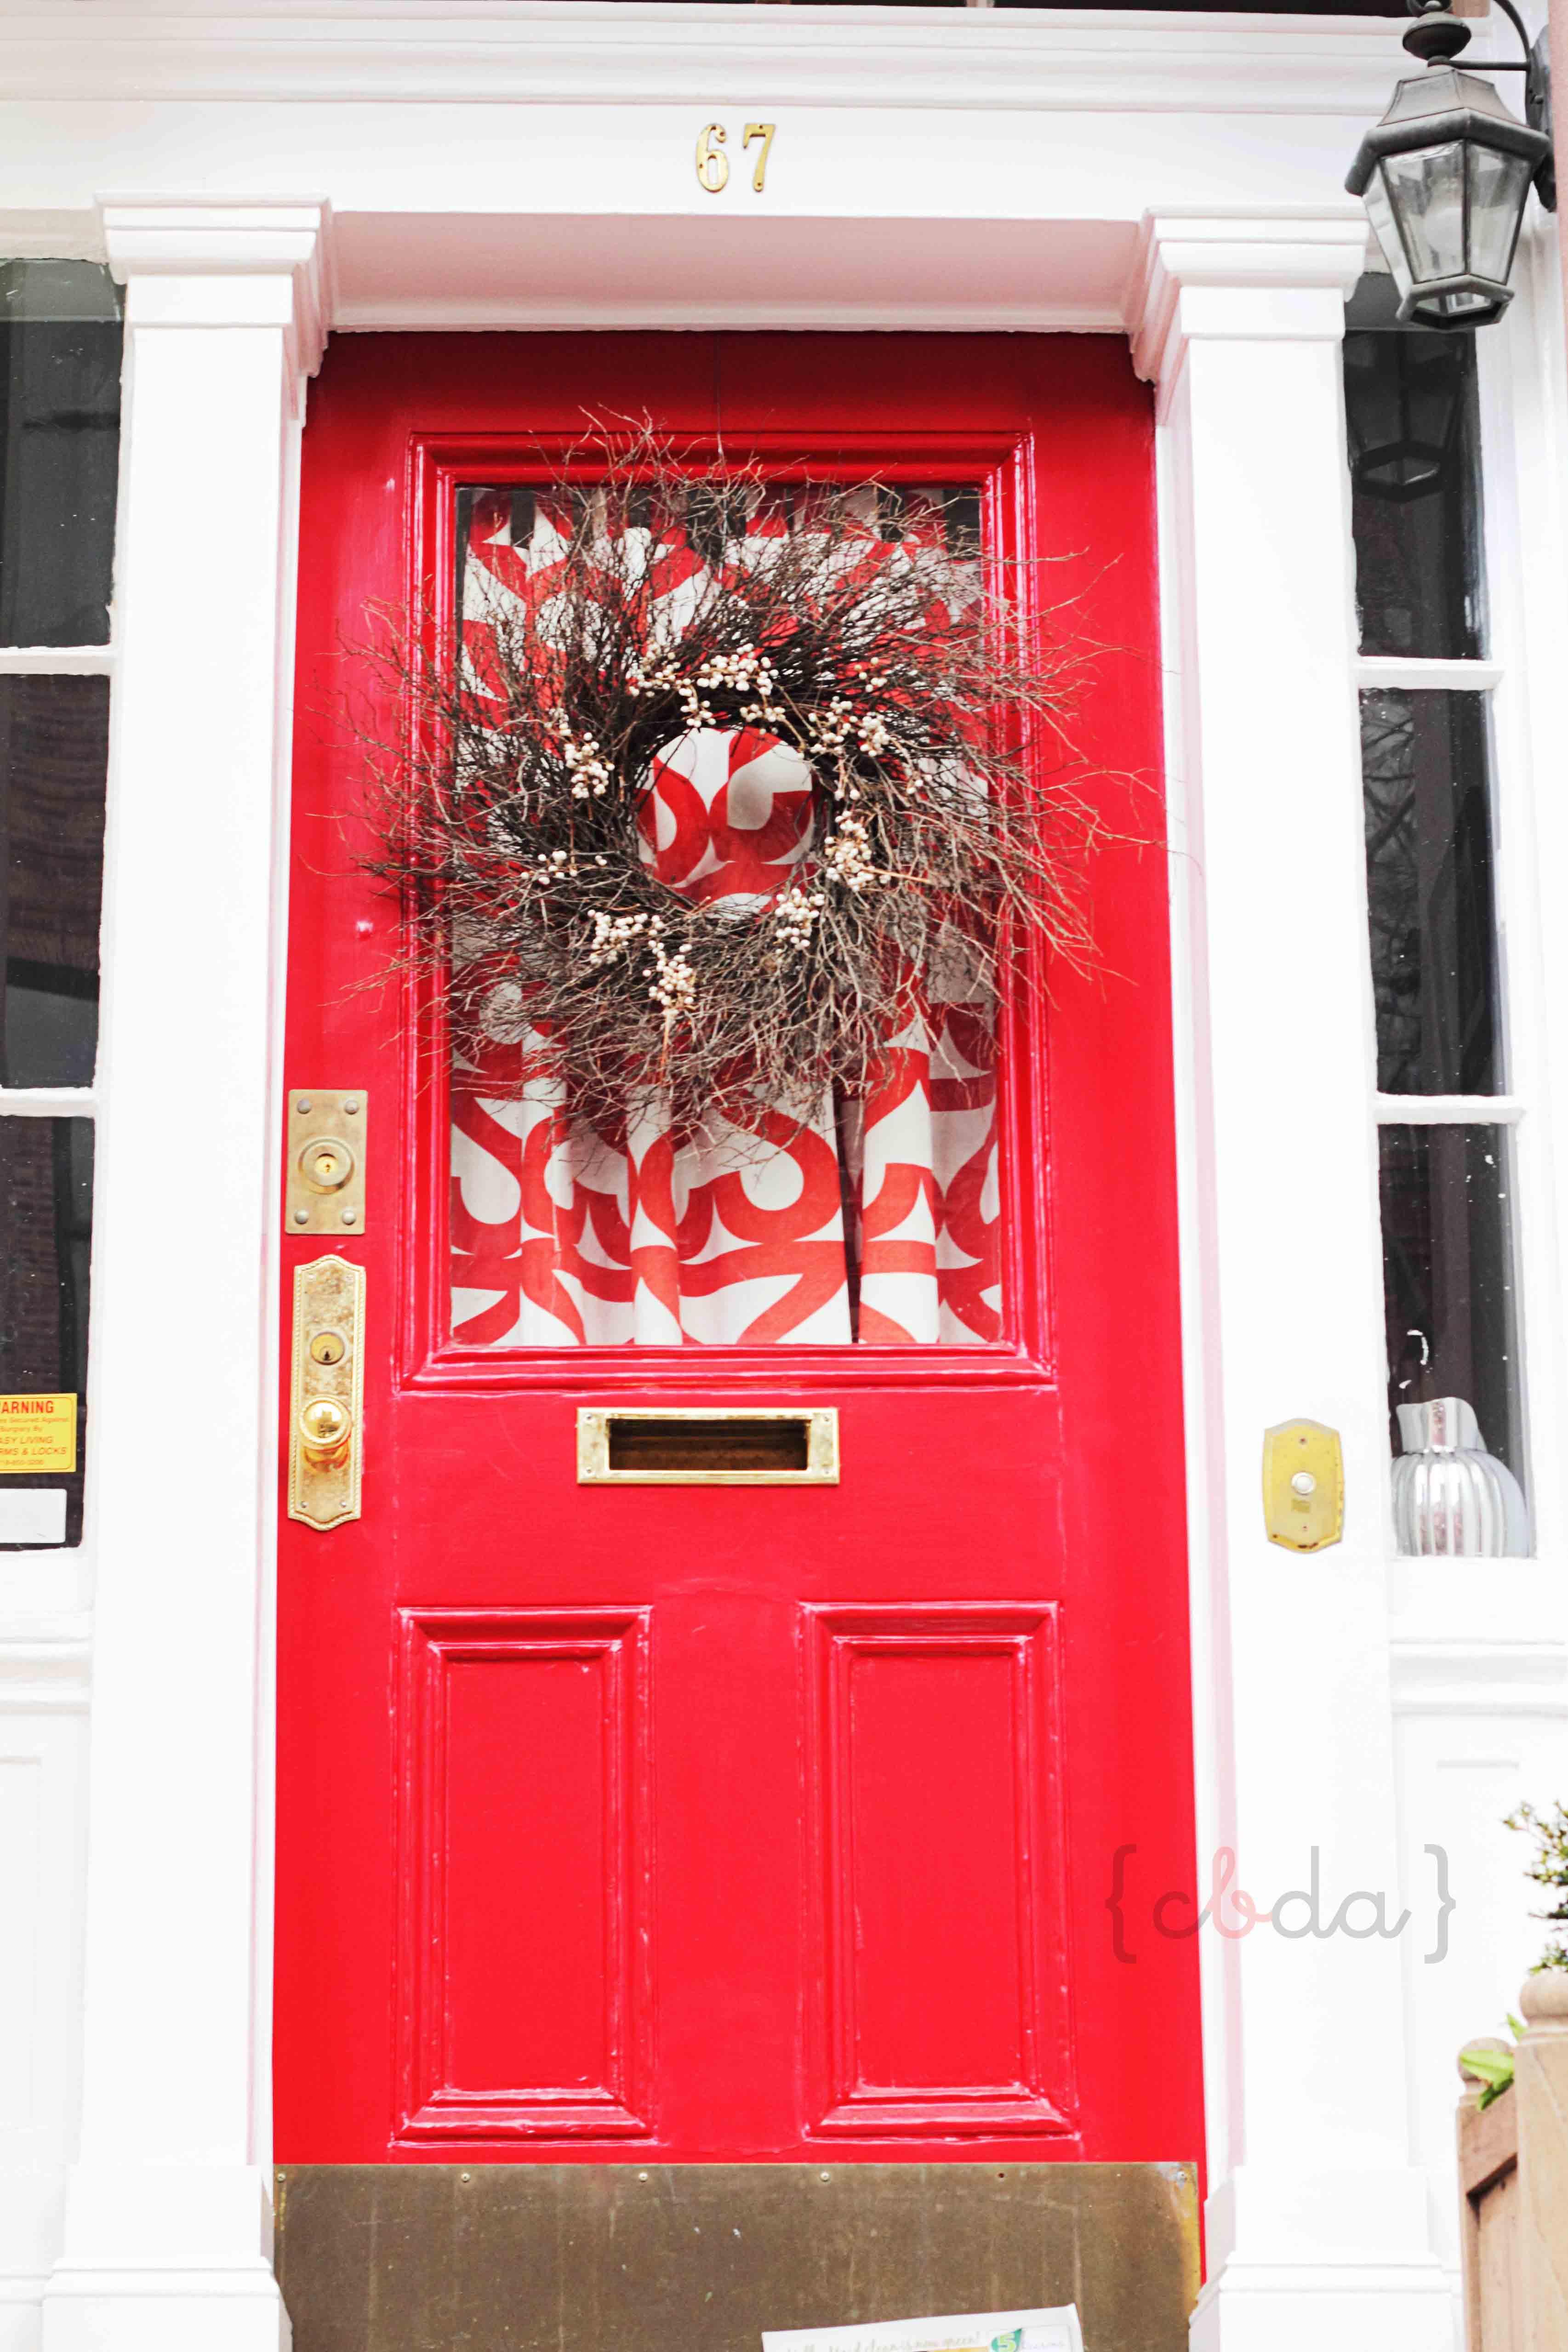 Navidad de puerta en puerta con botas de agua for Decoracion en puertas de navidad